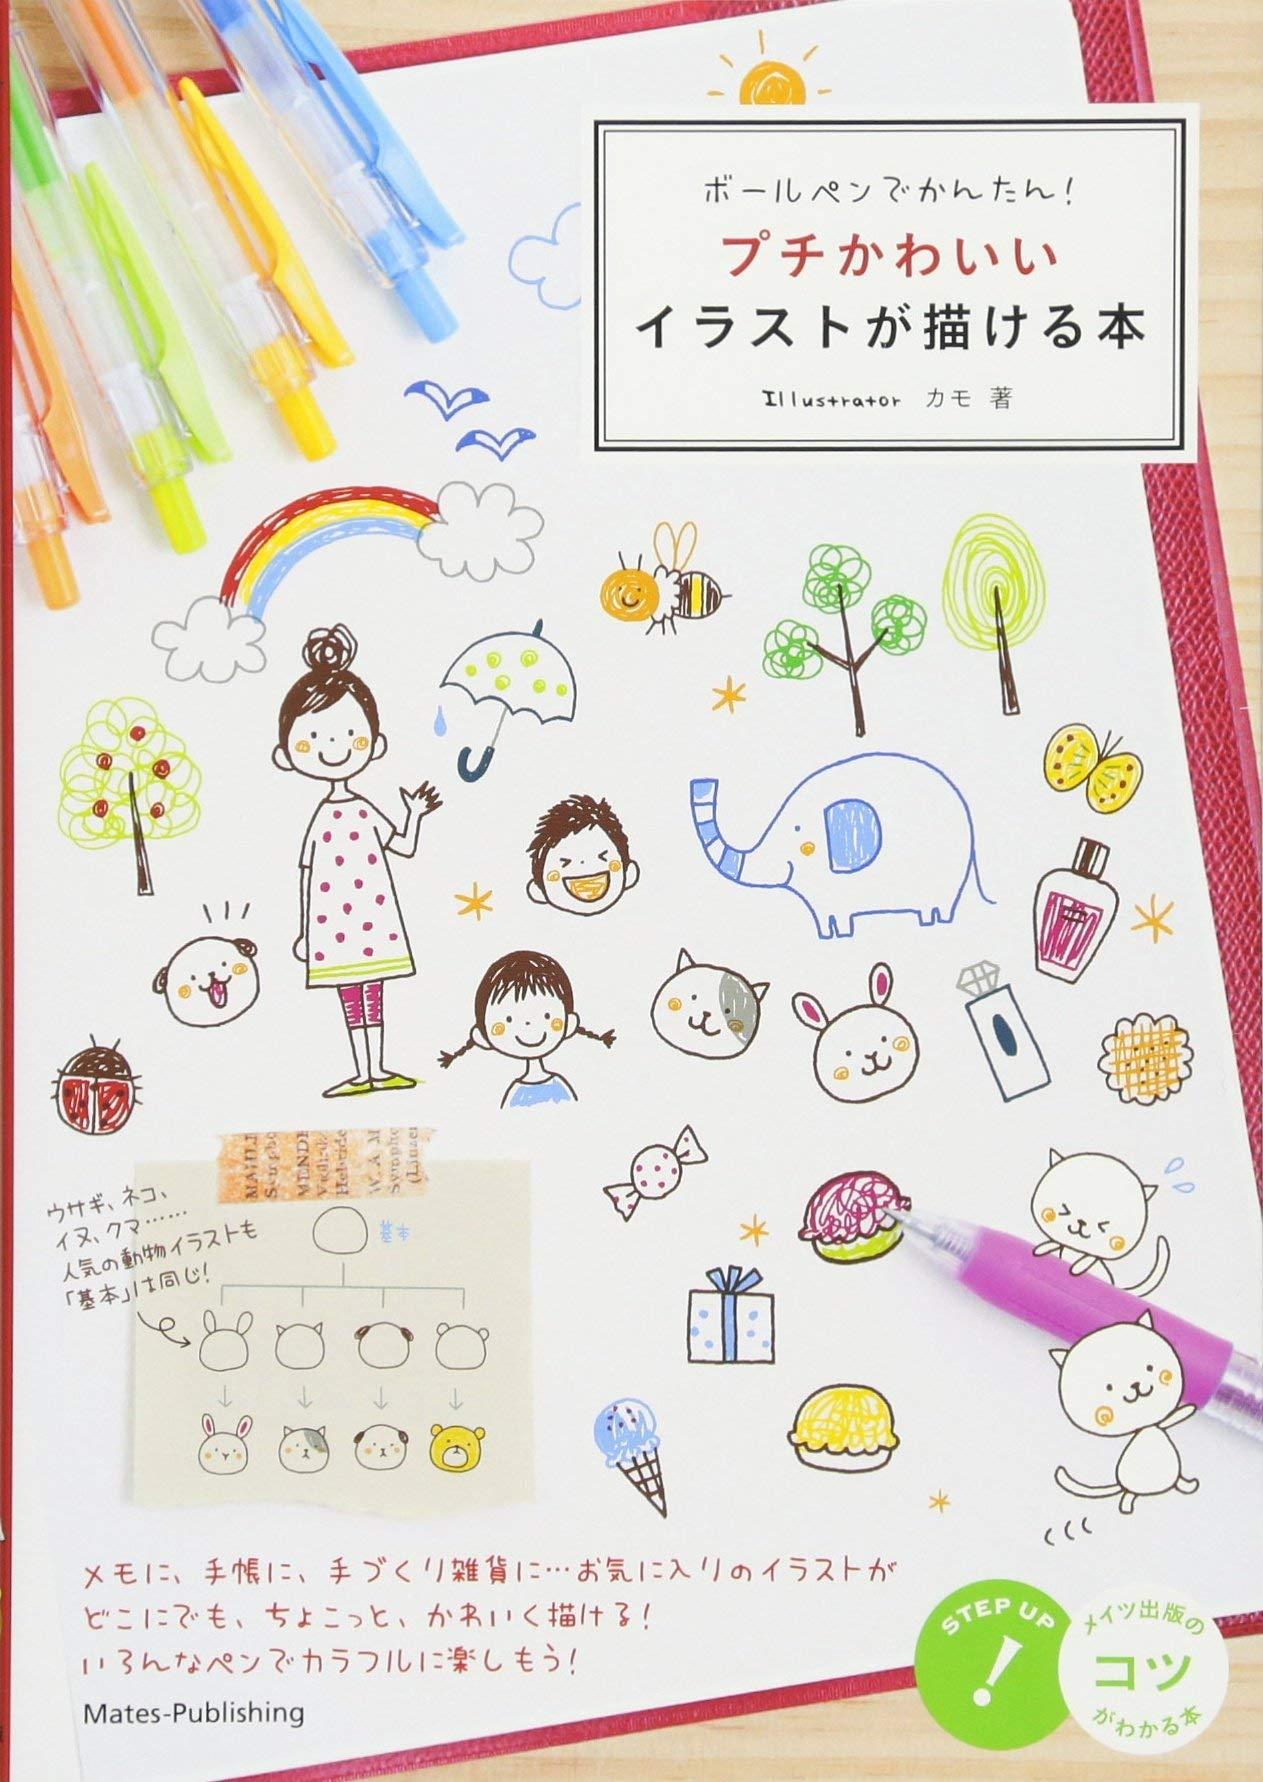 ボールペンでかんたん! プチかわいいイラストが描ける本 (コツが